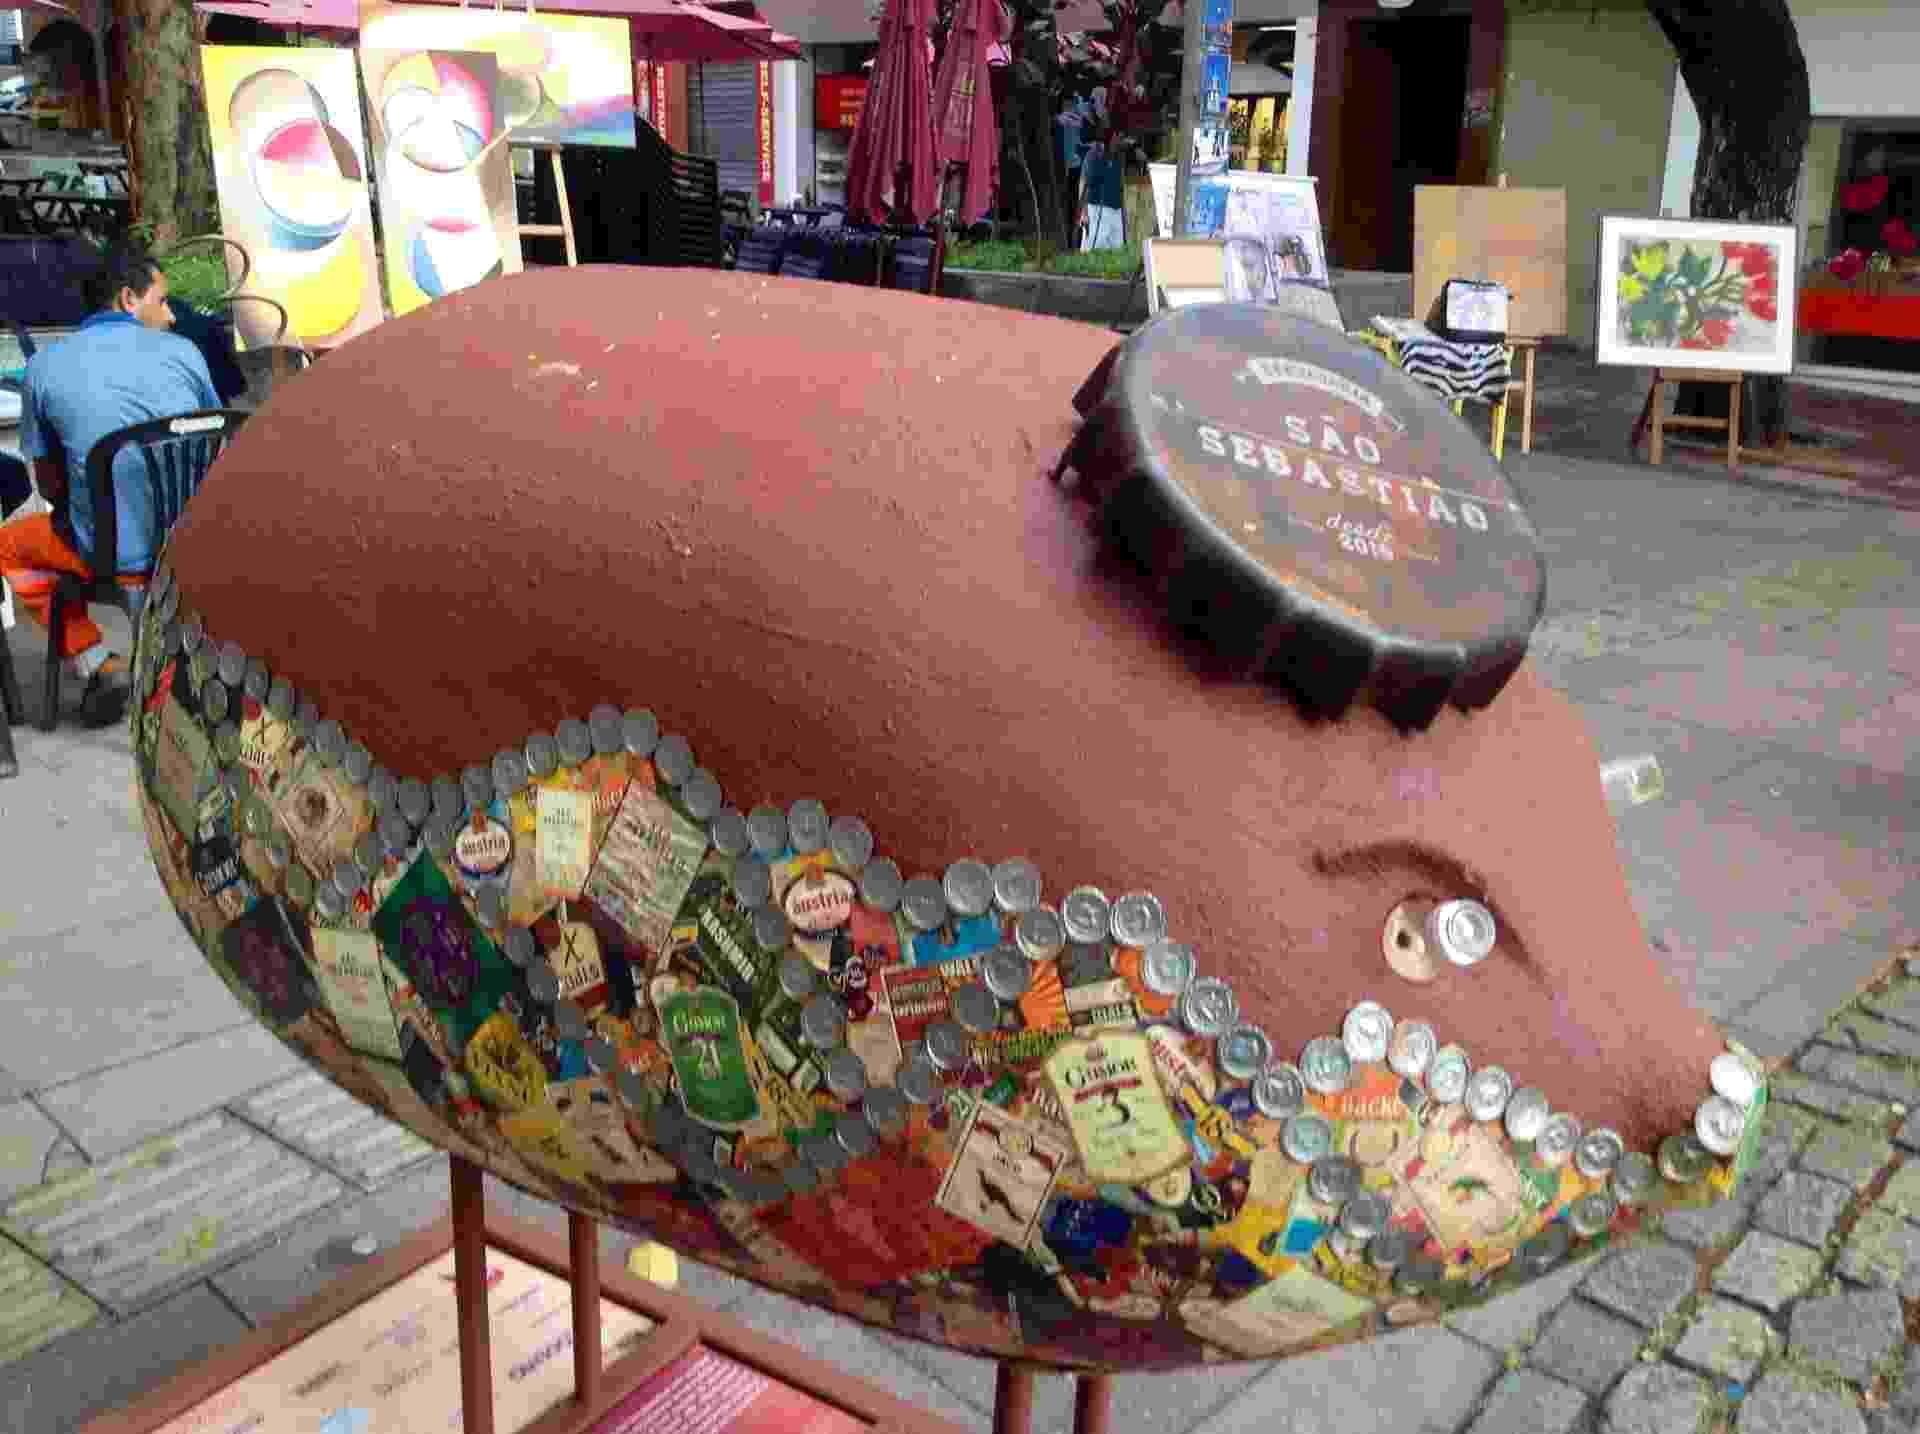 4.jun.2016 - Onze esculturas representando porcos, feitas por artistas plásticos mineiros utilizando lama de rejeitos de mineração do desastre de Mariana (MG), ocorrido em novembro de 2015, foram expostas na praça Diogo de Vasconcelos, na Savassi, área nobre de Belo Horizonte - Carlos Eduardo Cherem/UOL